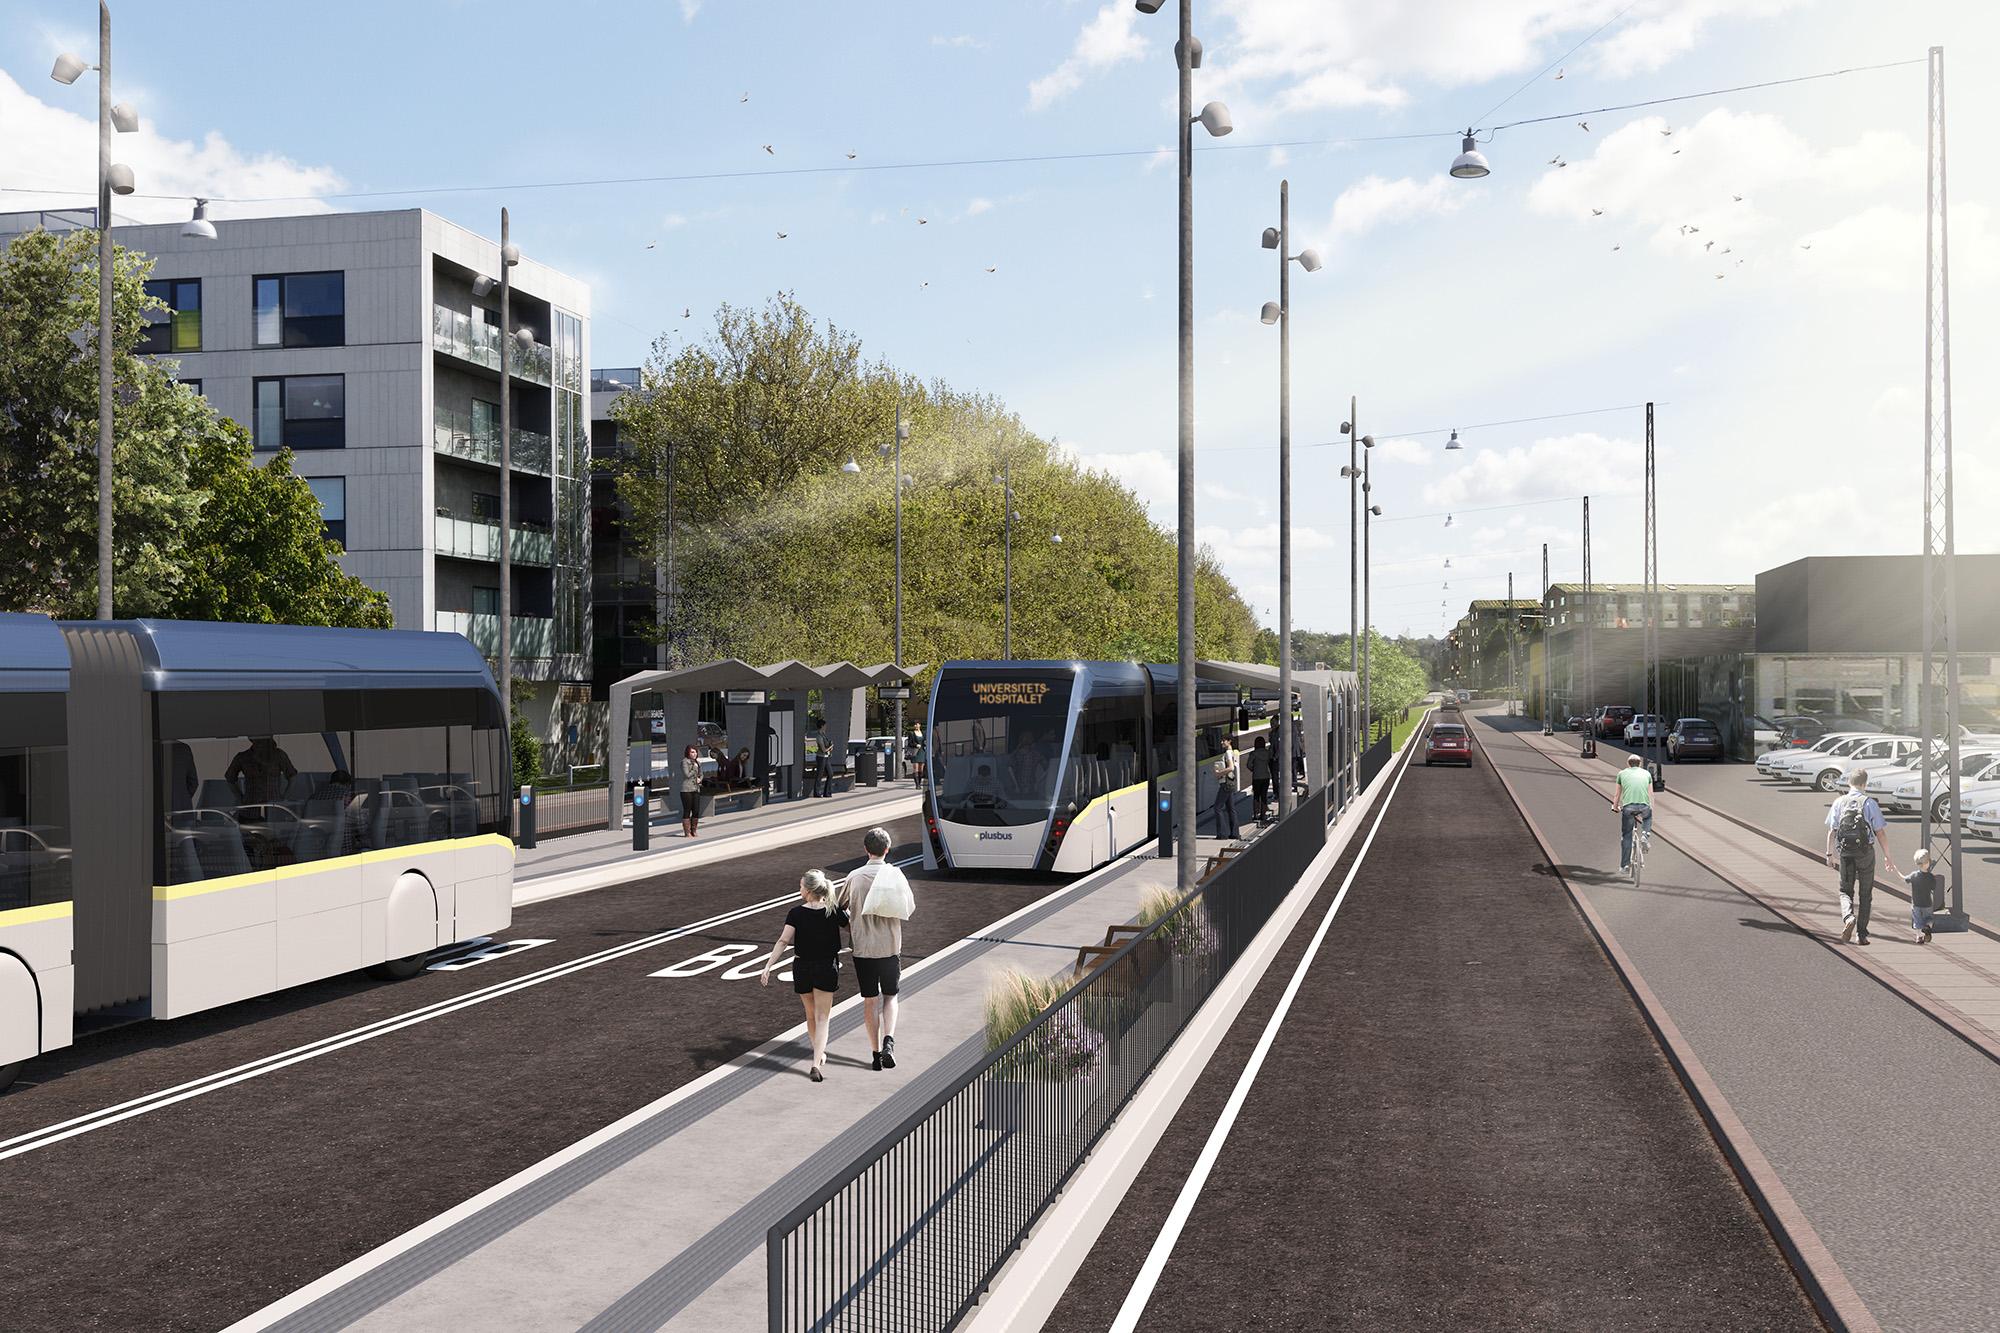 Slut med forurening og støj: Aalborg sætter 110 miljøvenlige busser på gaden